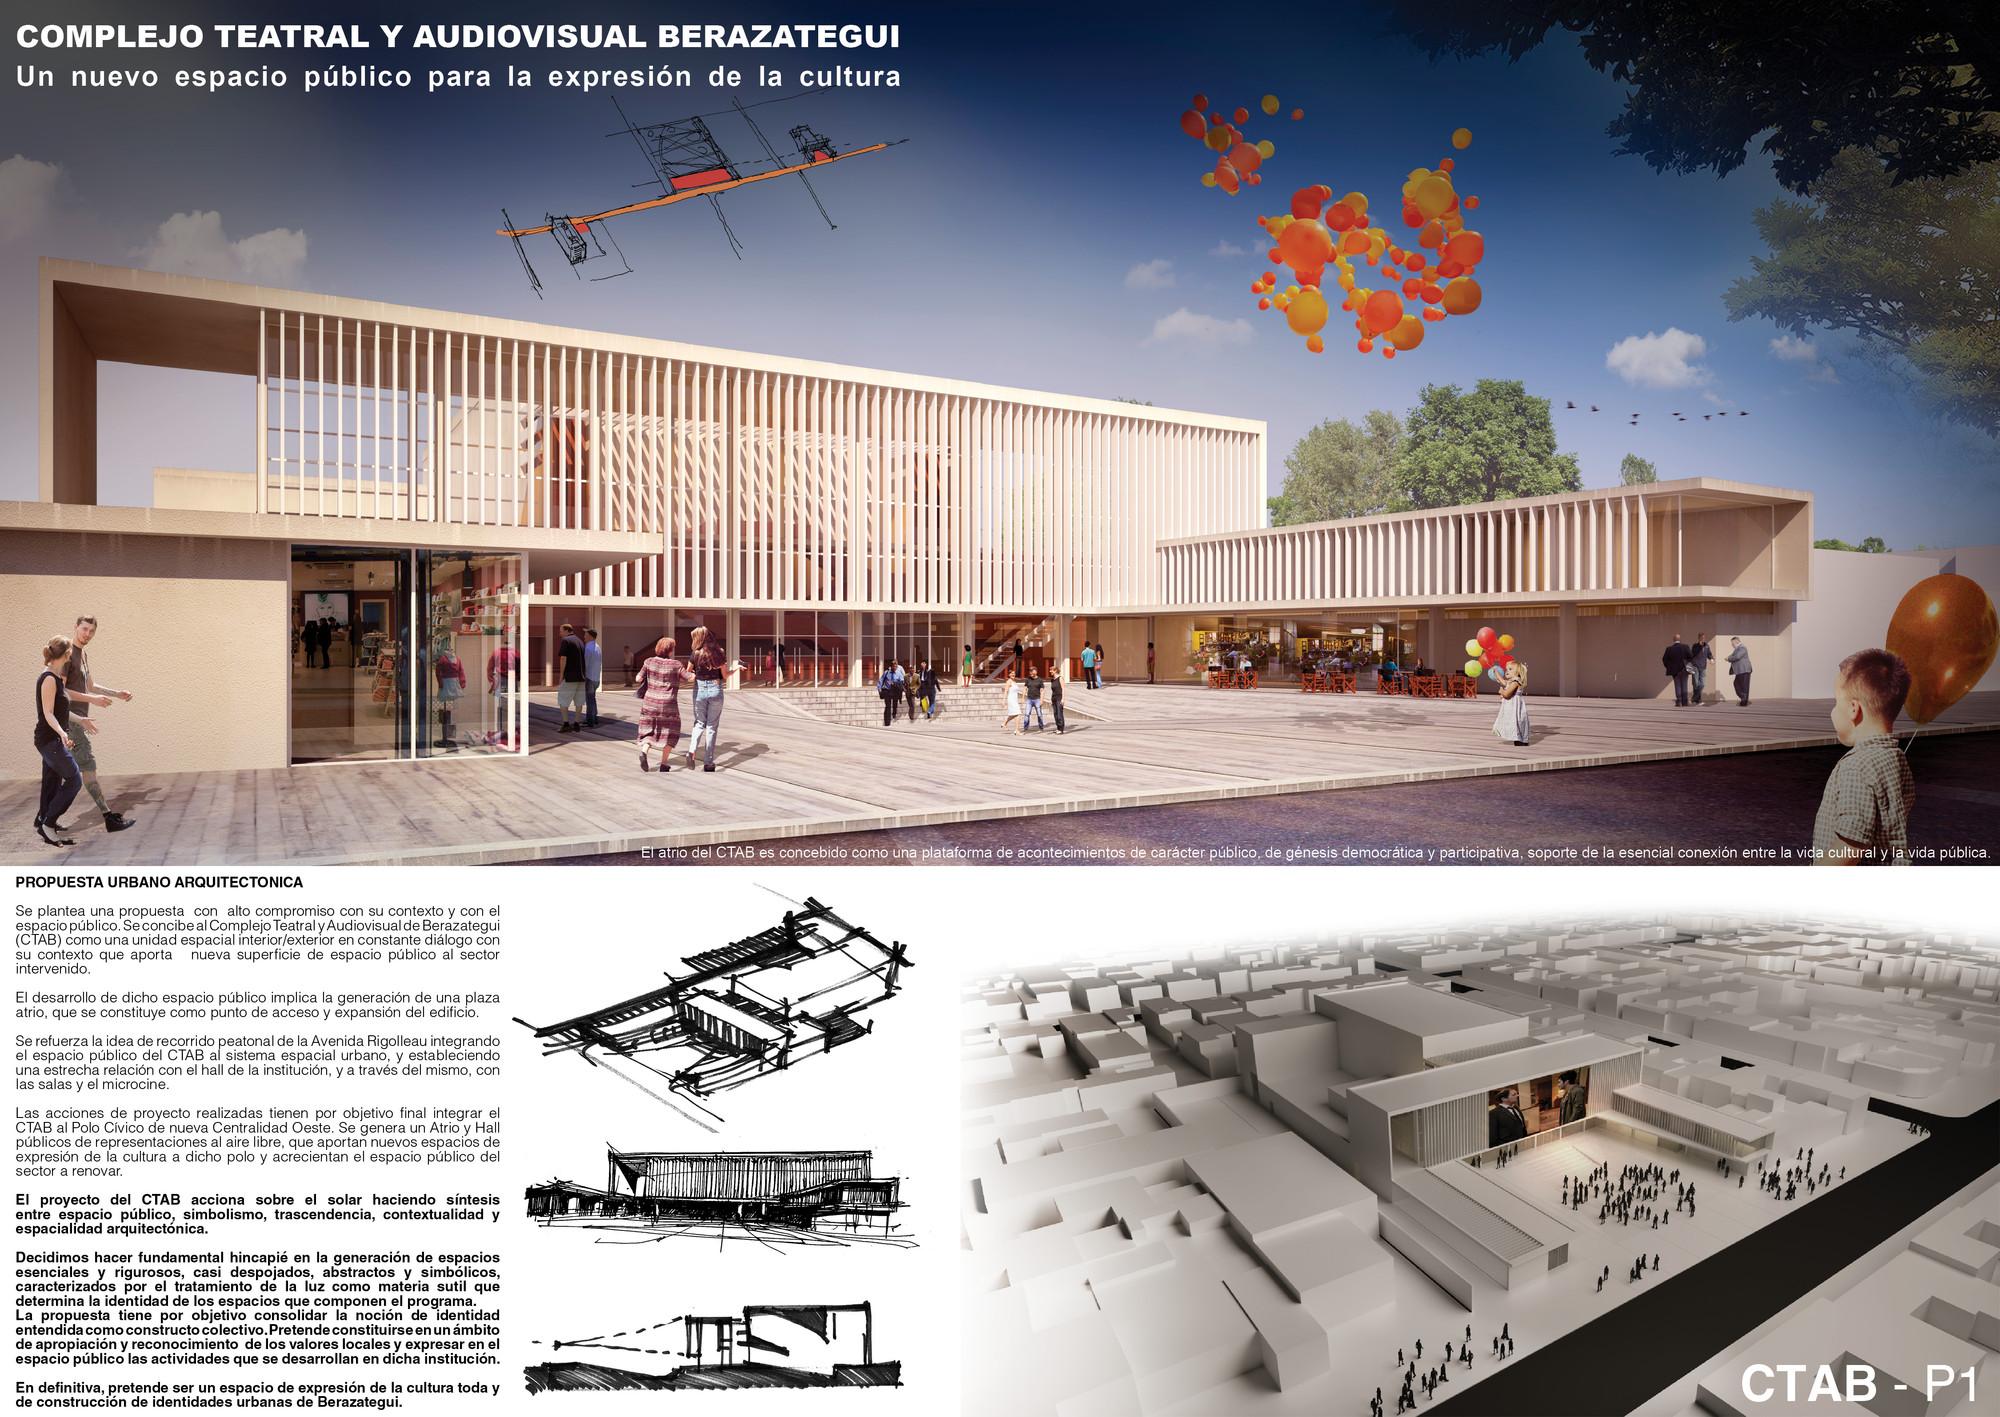 Lamina Mencion Equipo 60. Image Courtesy of Colegio de Arquitectos de la Provincia de Buenos Aires